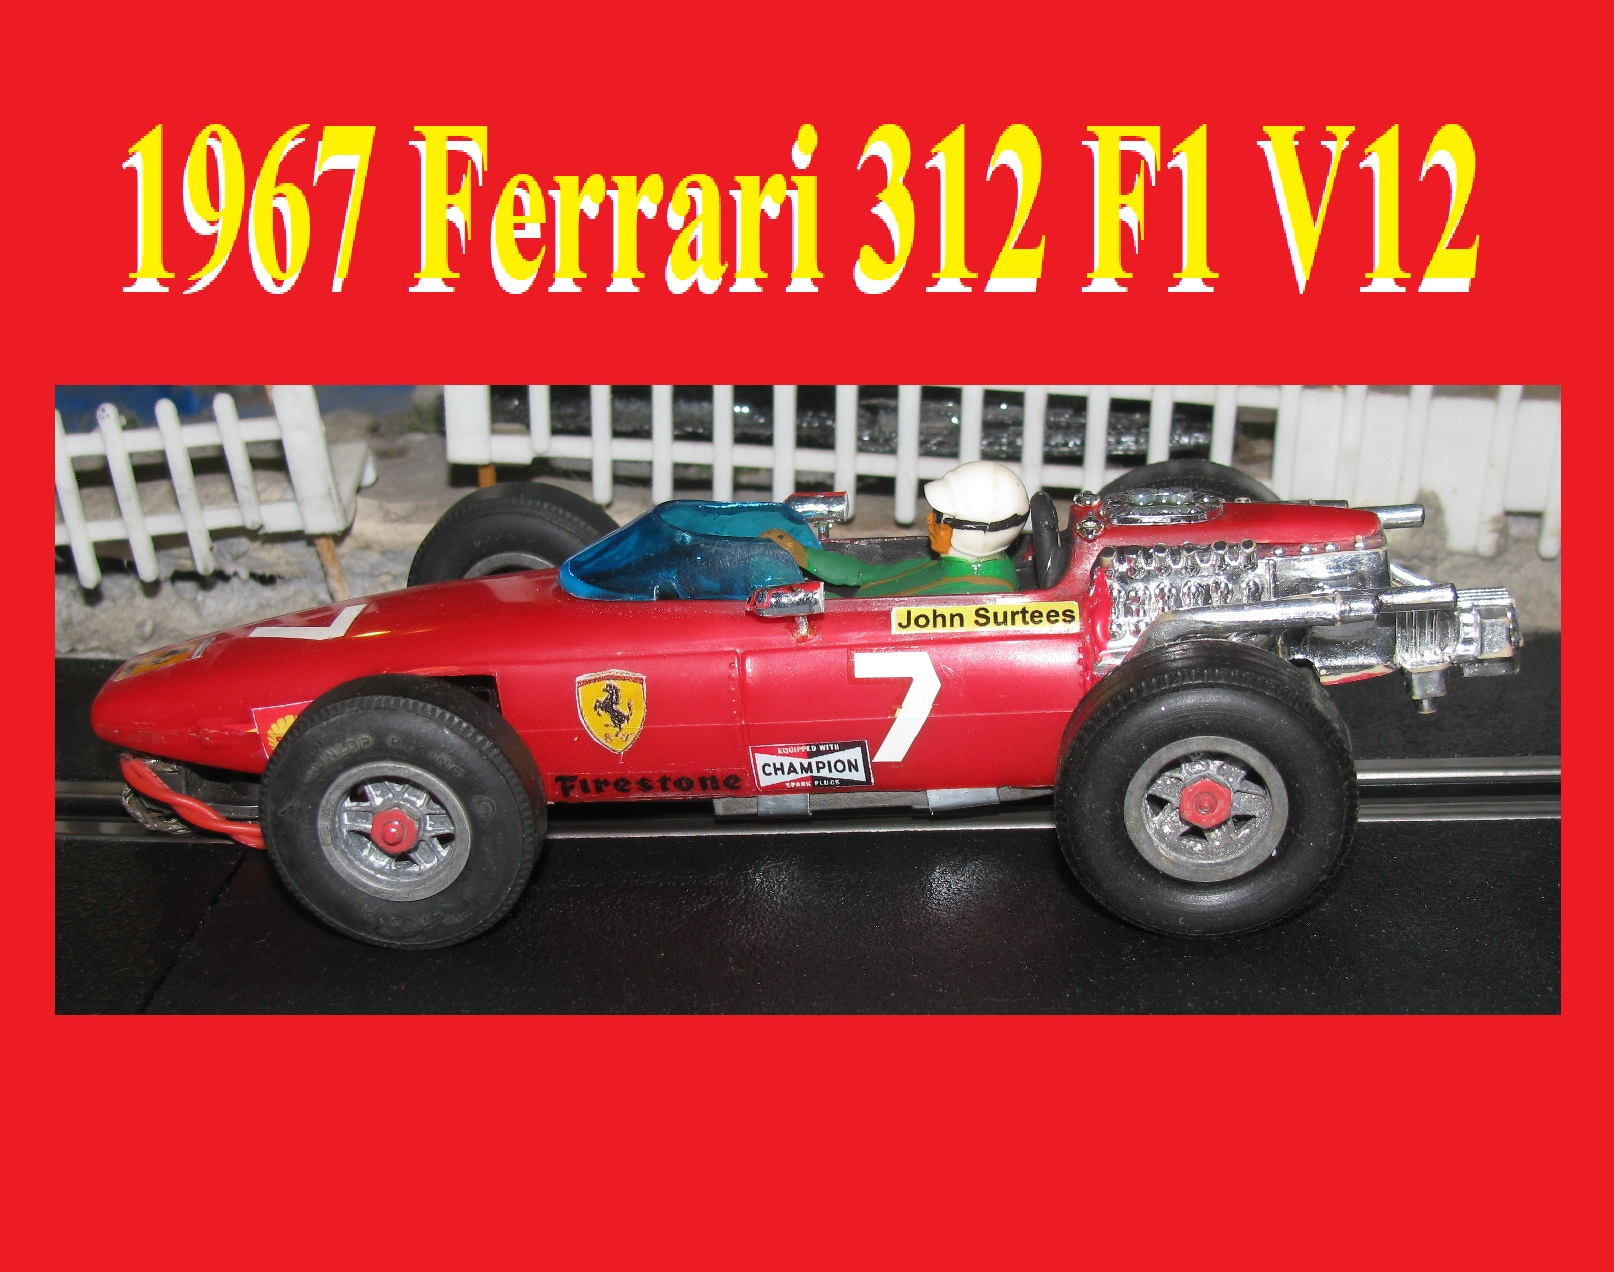 * SOLD * * Happy New Year Sale * COX 1967 Ferrari F1 V12 Slot Car Scuderia Ferrari 312 – 1:32/1:24 Scale